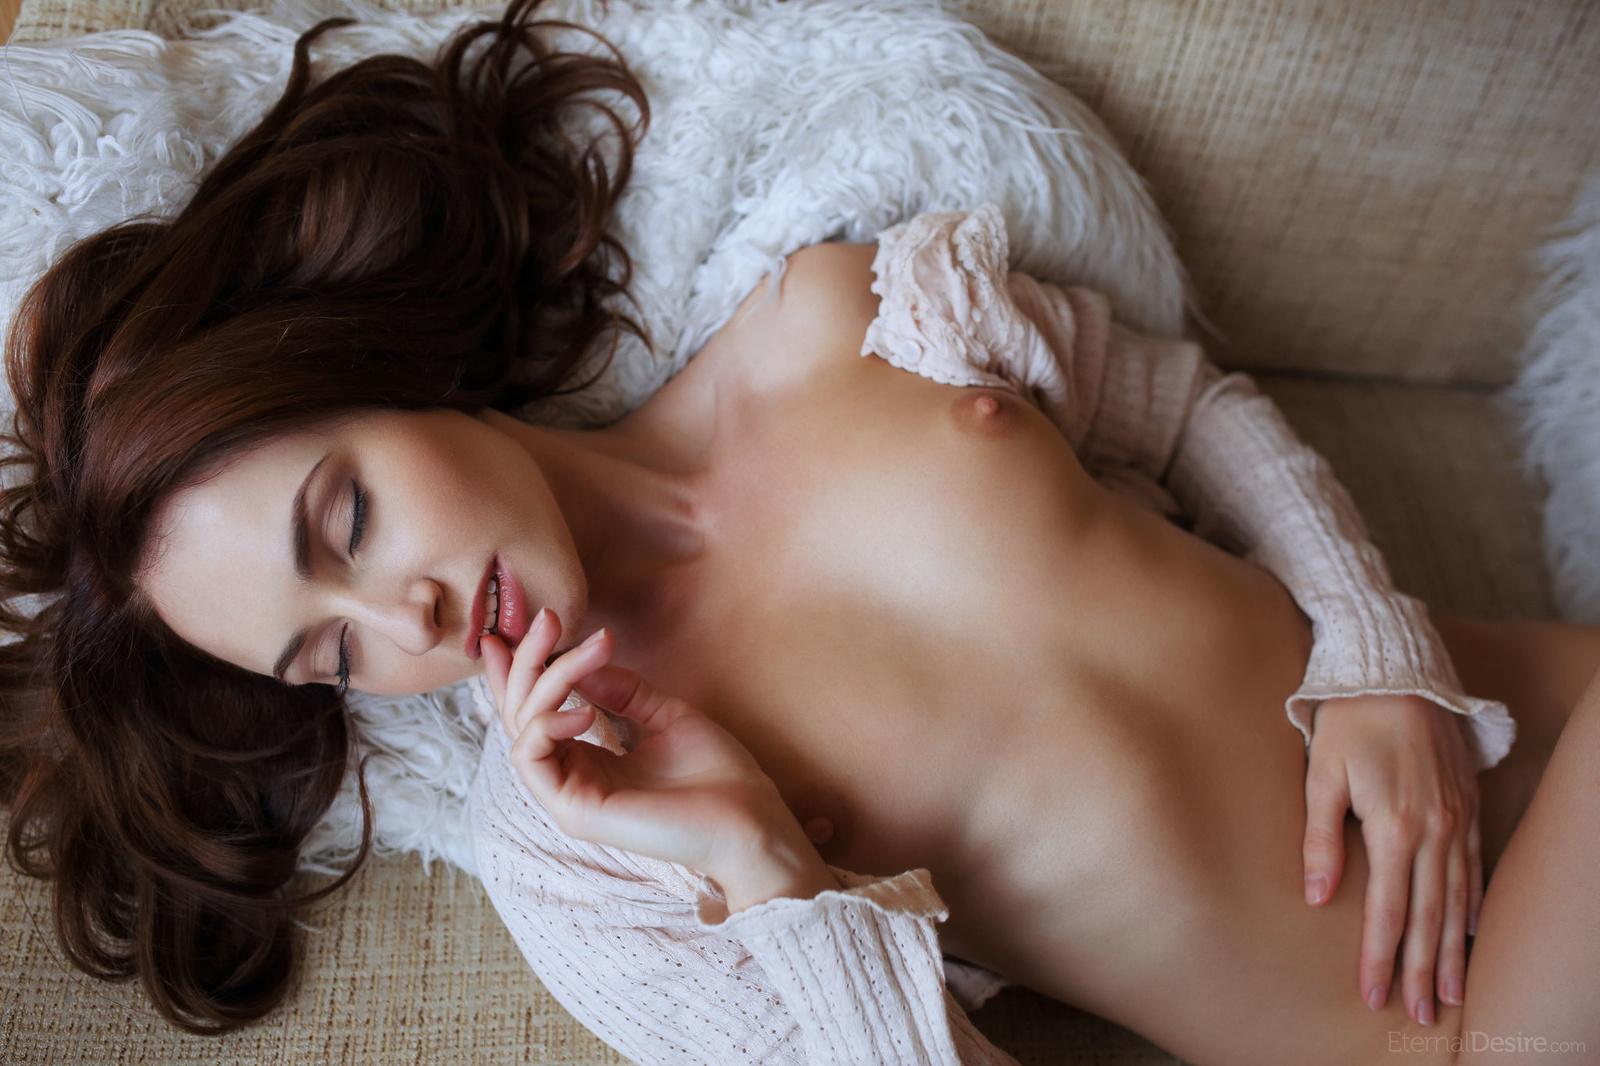 Zdjęcie porno - 0916 - Różowa szparka